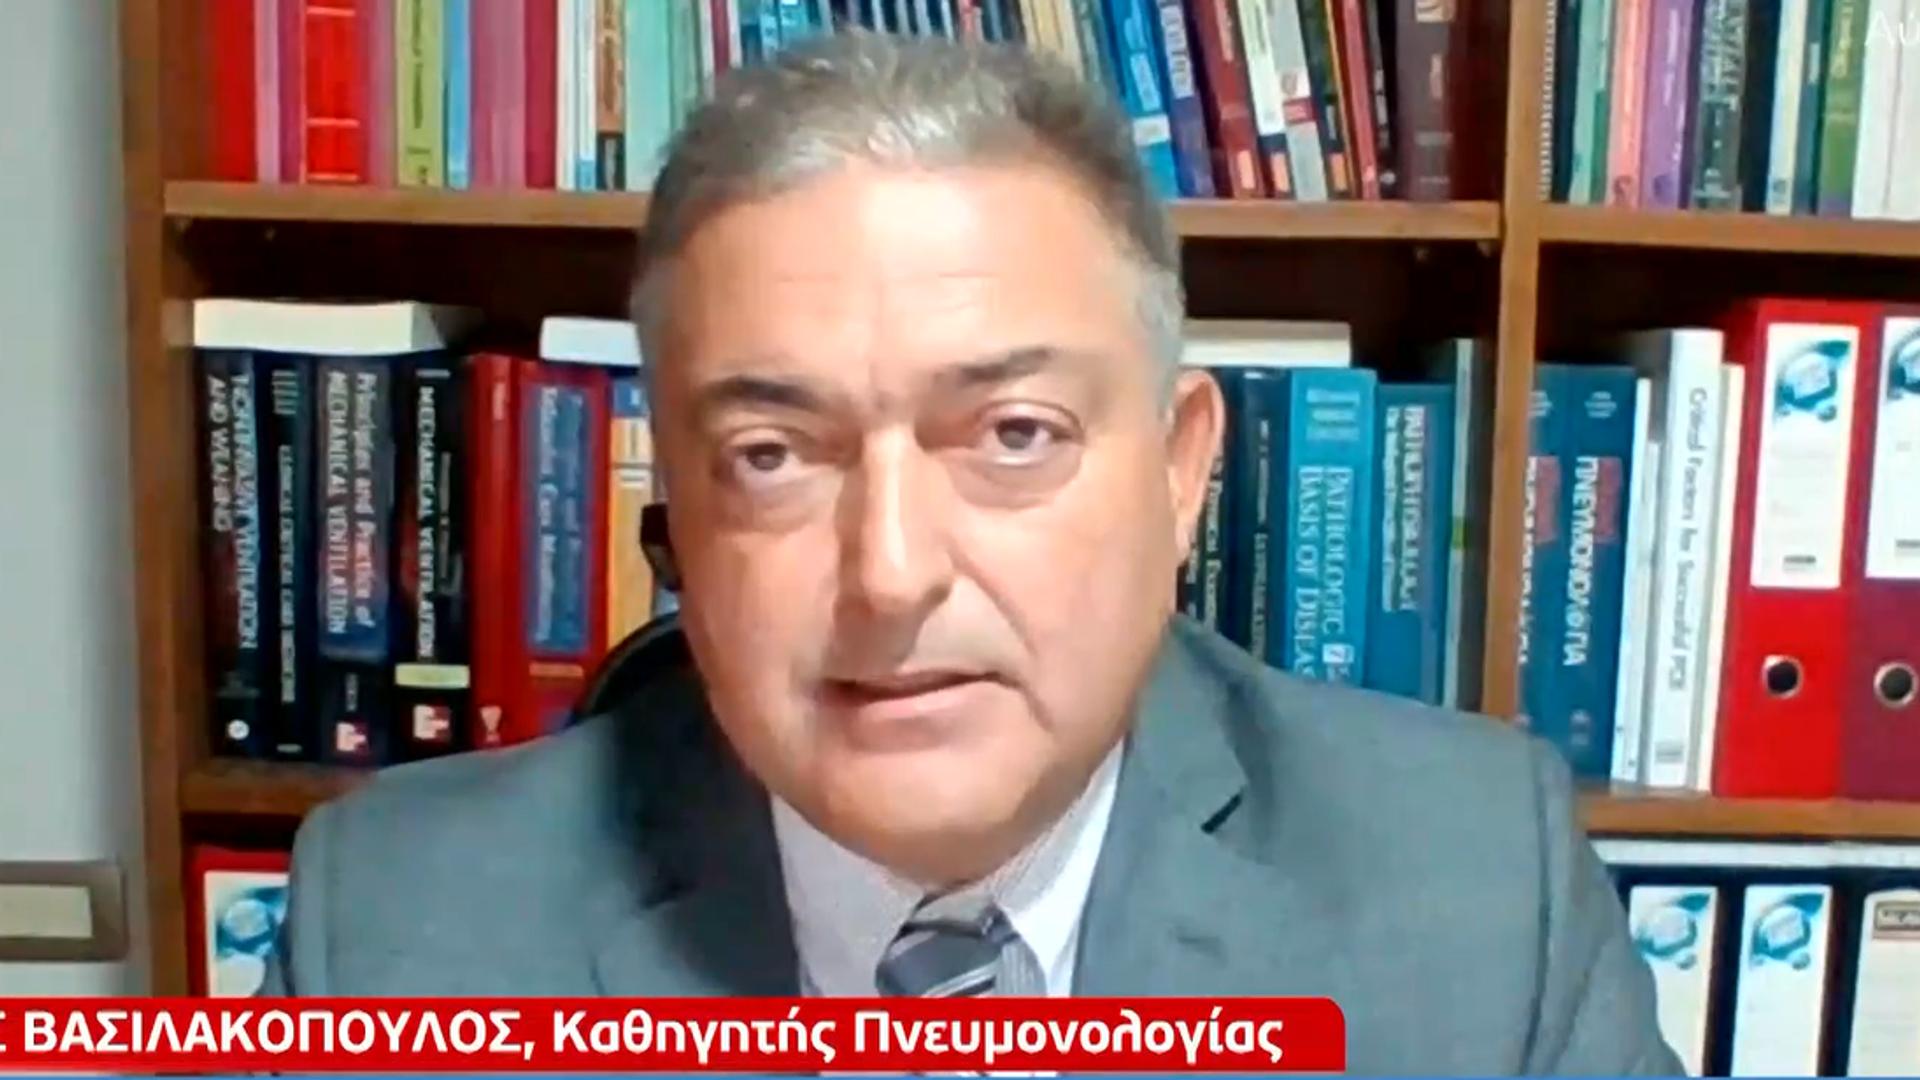 Βασιλακόπουλος στο MEGA - Sputnik Ελλάδα, 1920, 21.09.2021